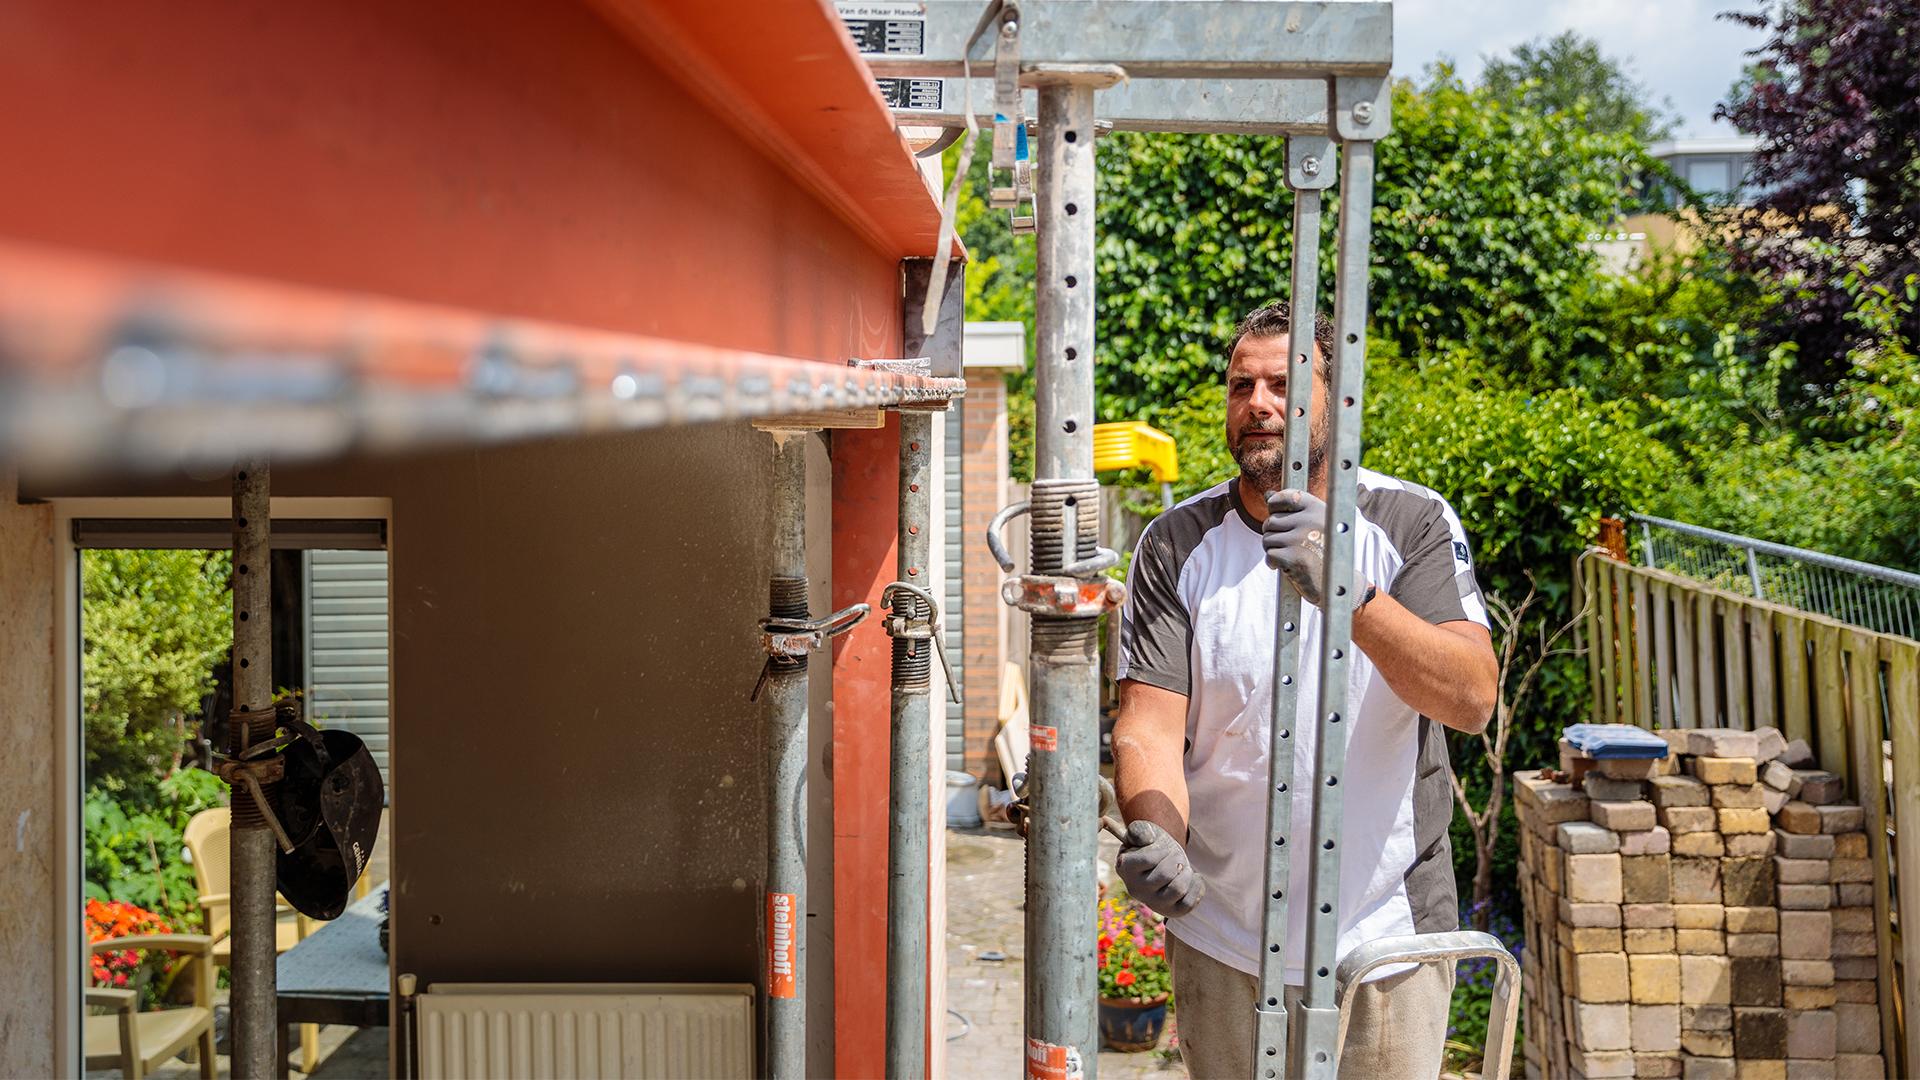 Steinhoff -  Buitenmuur verwijderen - Professional